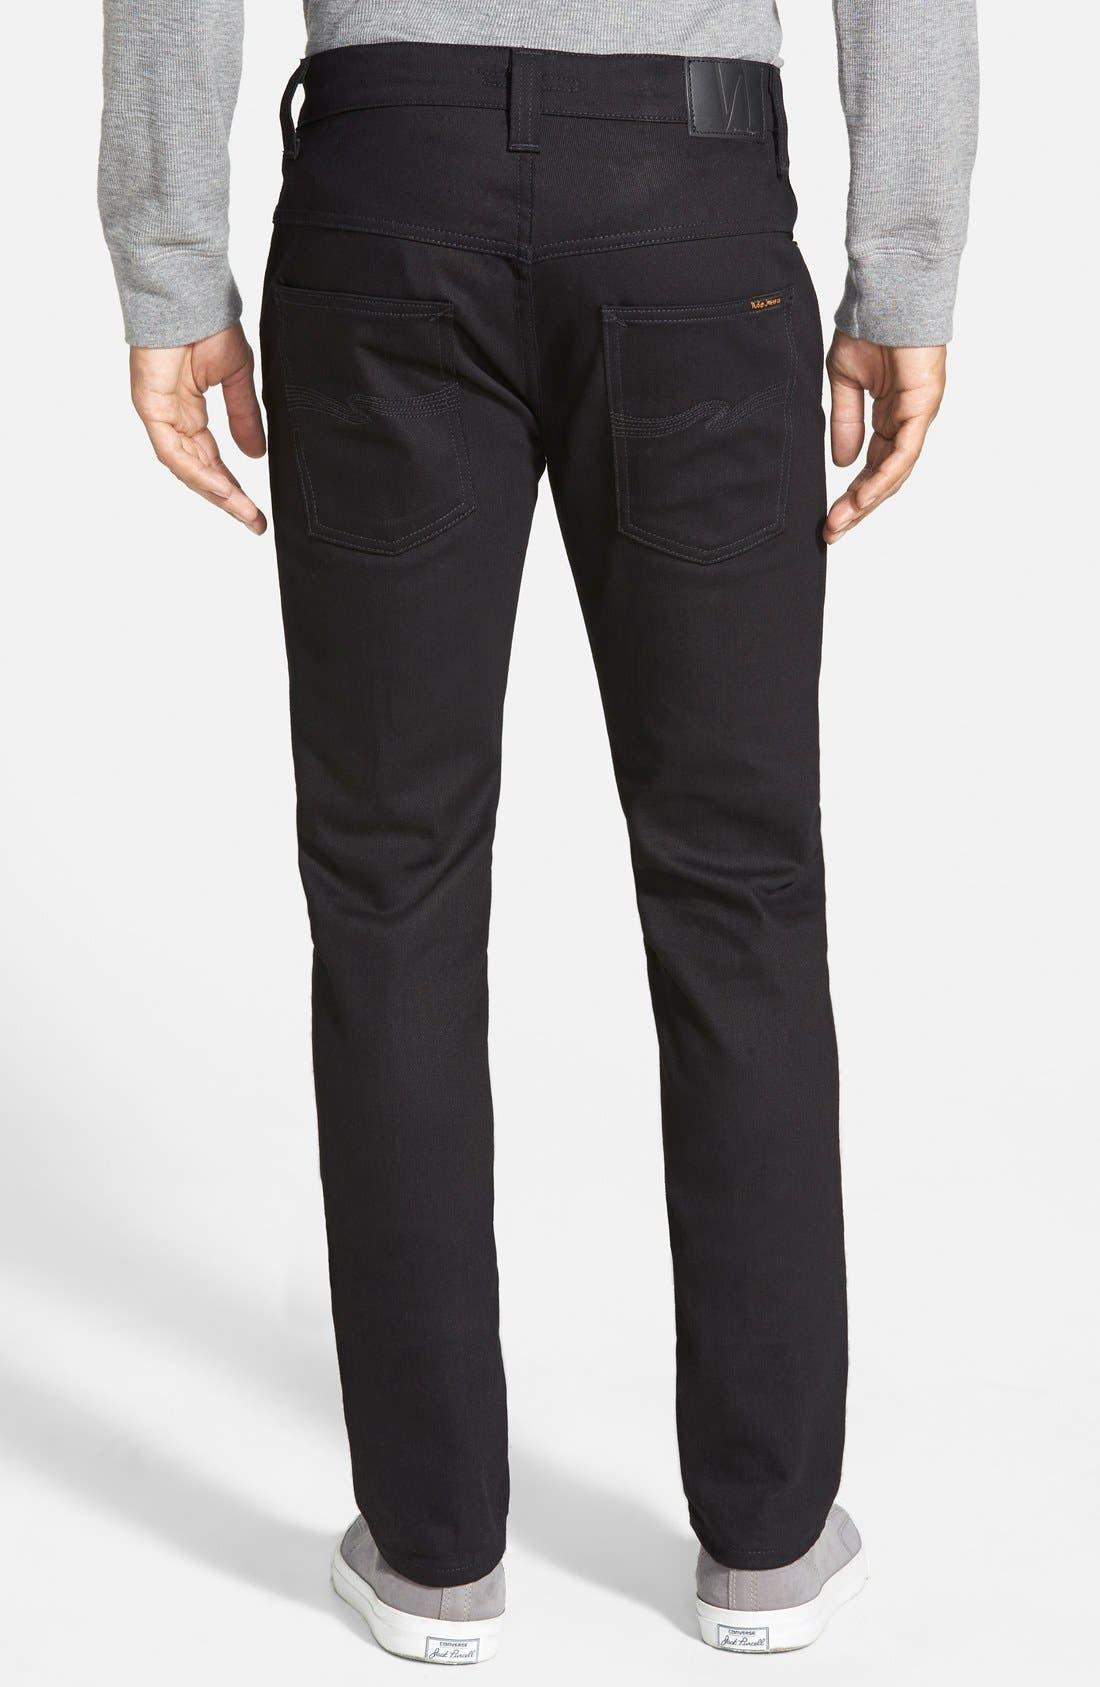 Alternate Image 2  - Nudie Jeans 'Thin Finn' Skinny Fit Jeans (Black Ring)